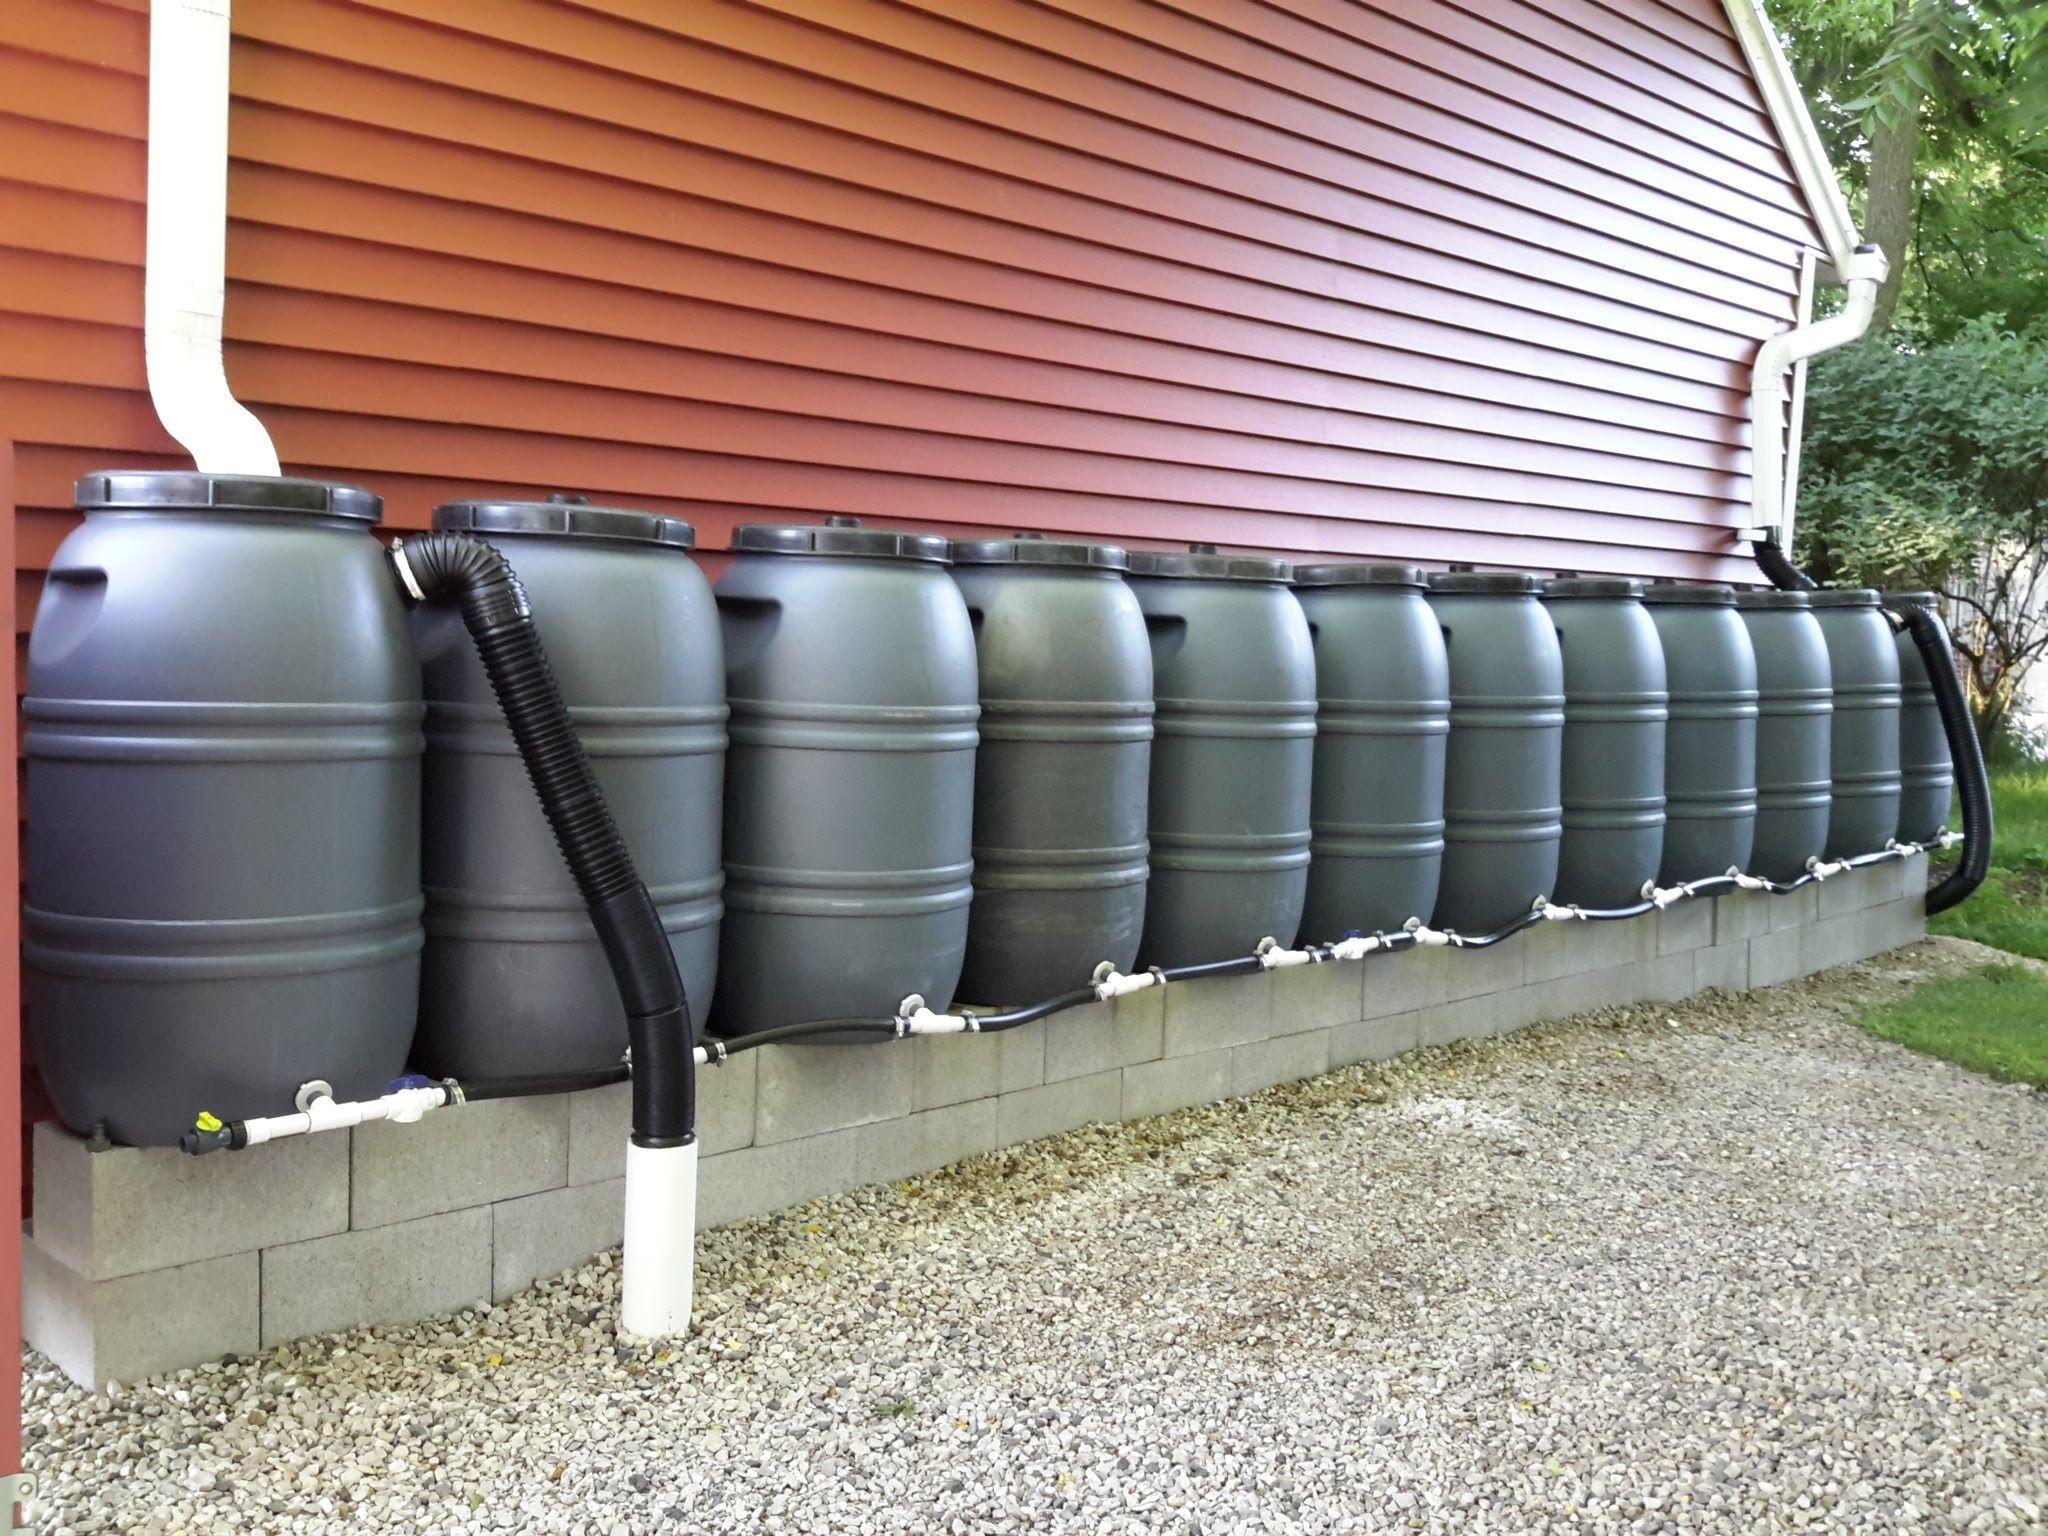 Critter Farm S Diy 660 Gallon Rain Barrel Manifold System Rain Water Collection System Rain Water Collection Rain Barrel